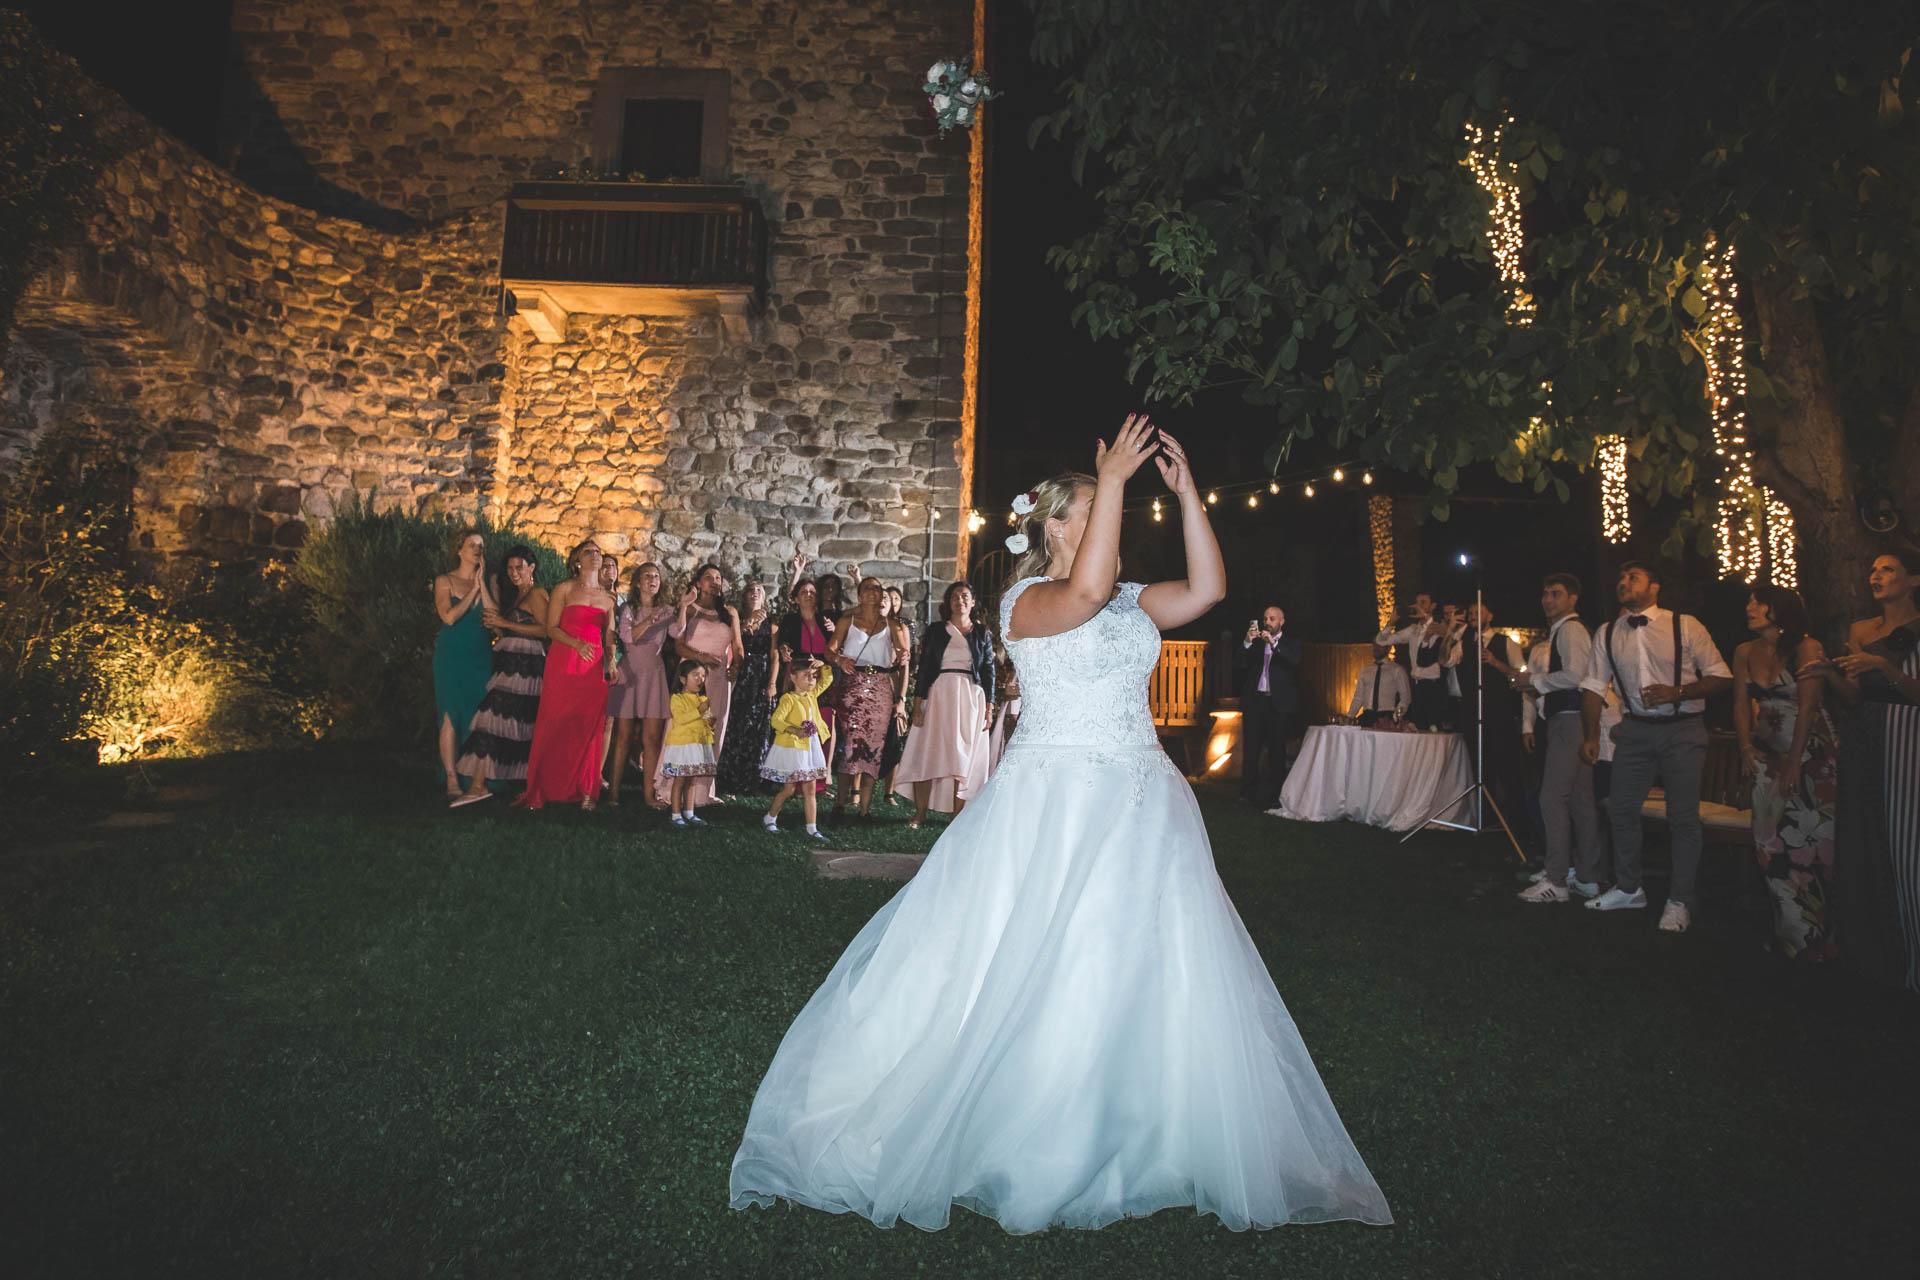 sposa lancio del bouquet invitati ricevimento